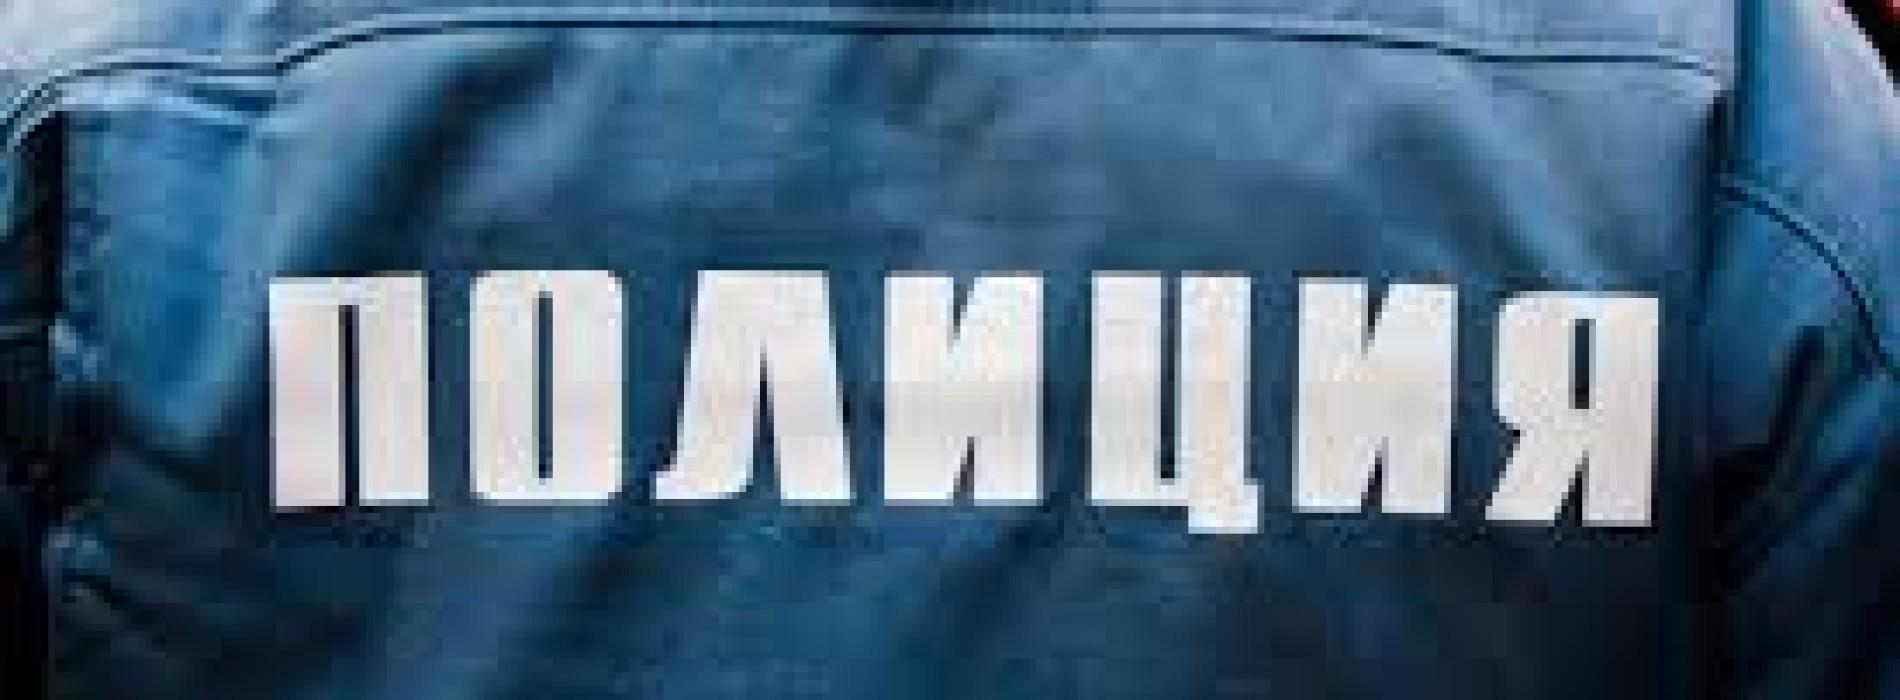 Полицейские ДВД ЮКО анонимно жалуются на коррупцию руководства